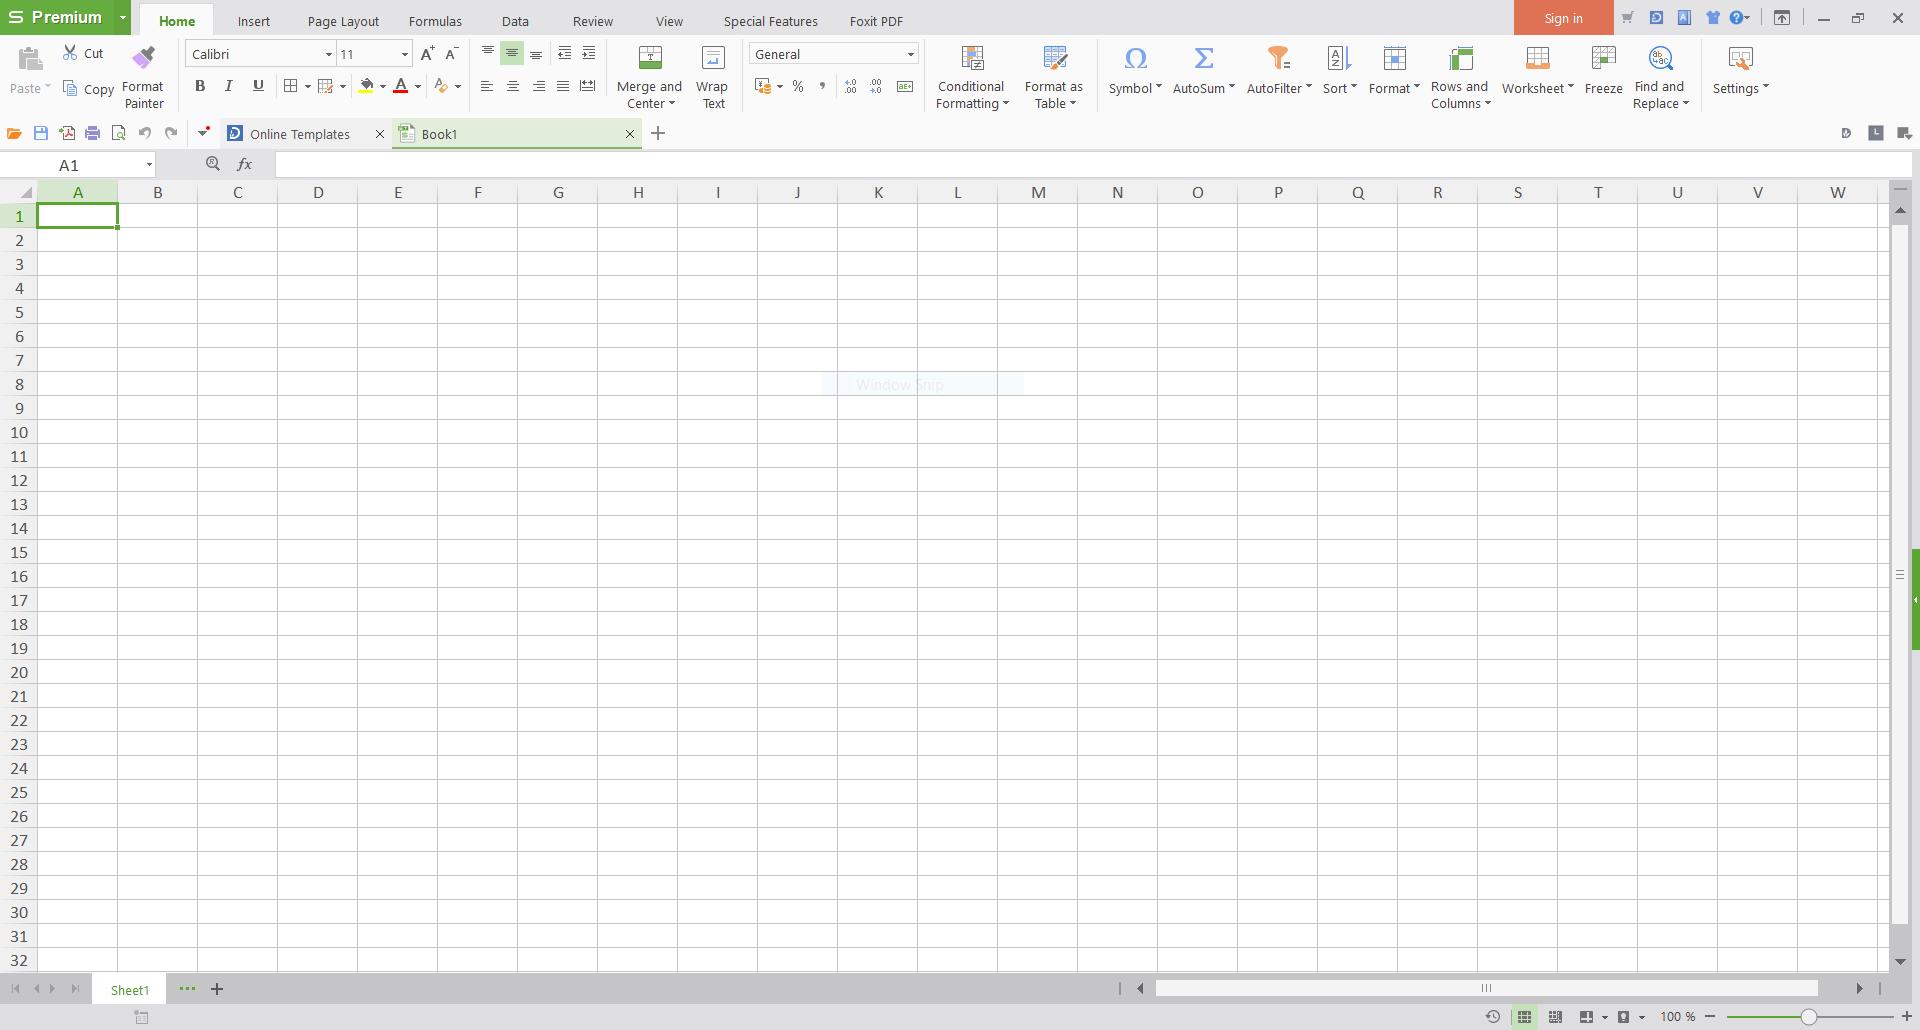 Screenshot of WPS Office 2016 Spreadsheet (Windows 10)  Taken on 17